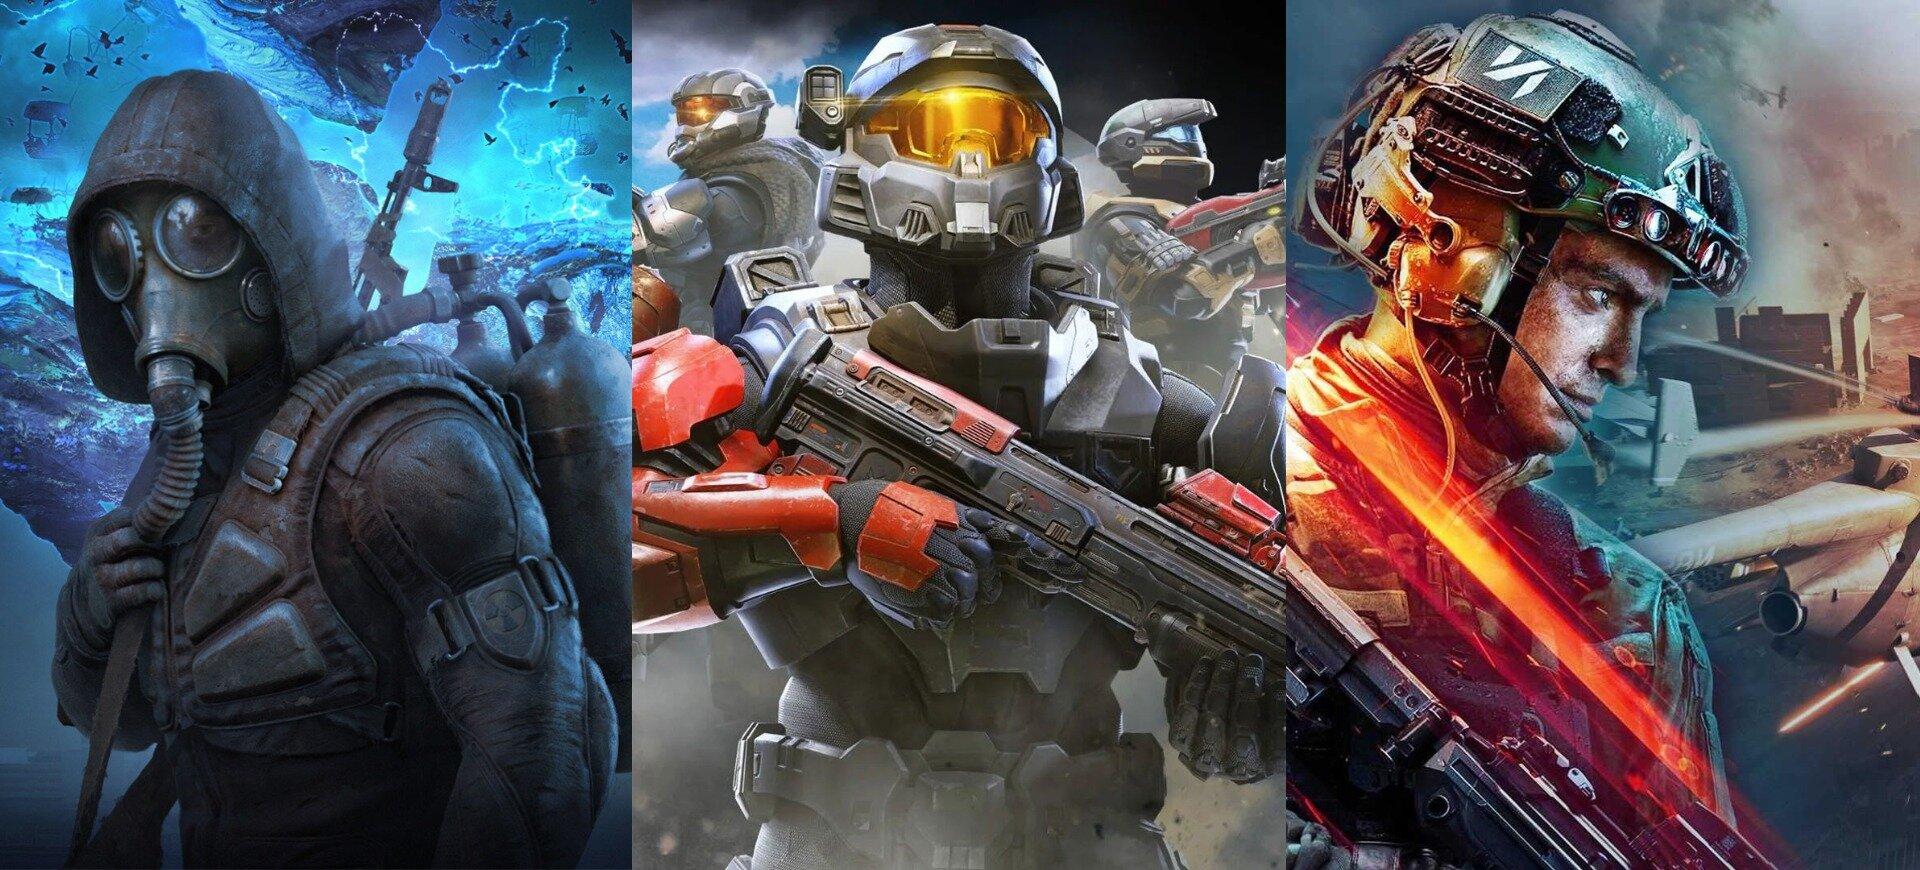 Xbox-Bethesda Games E3 2021